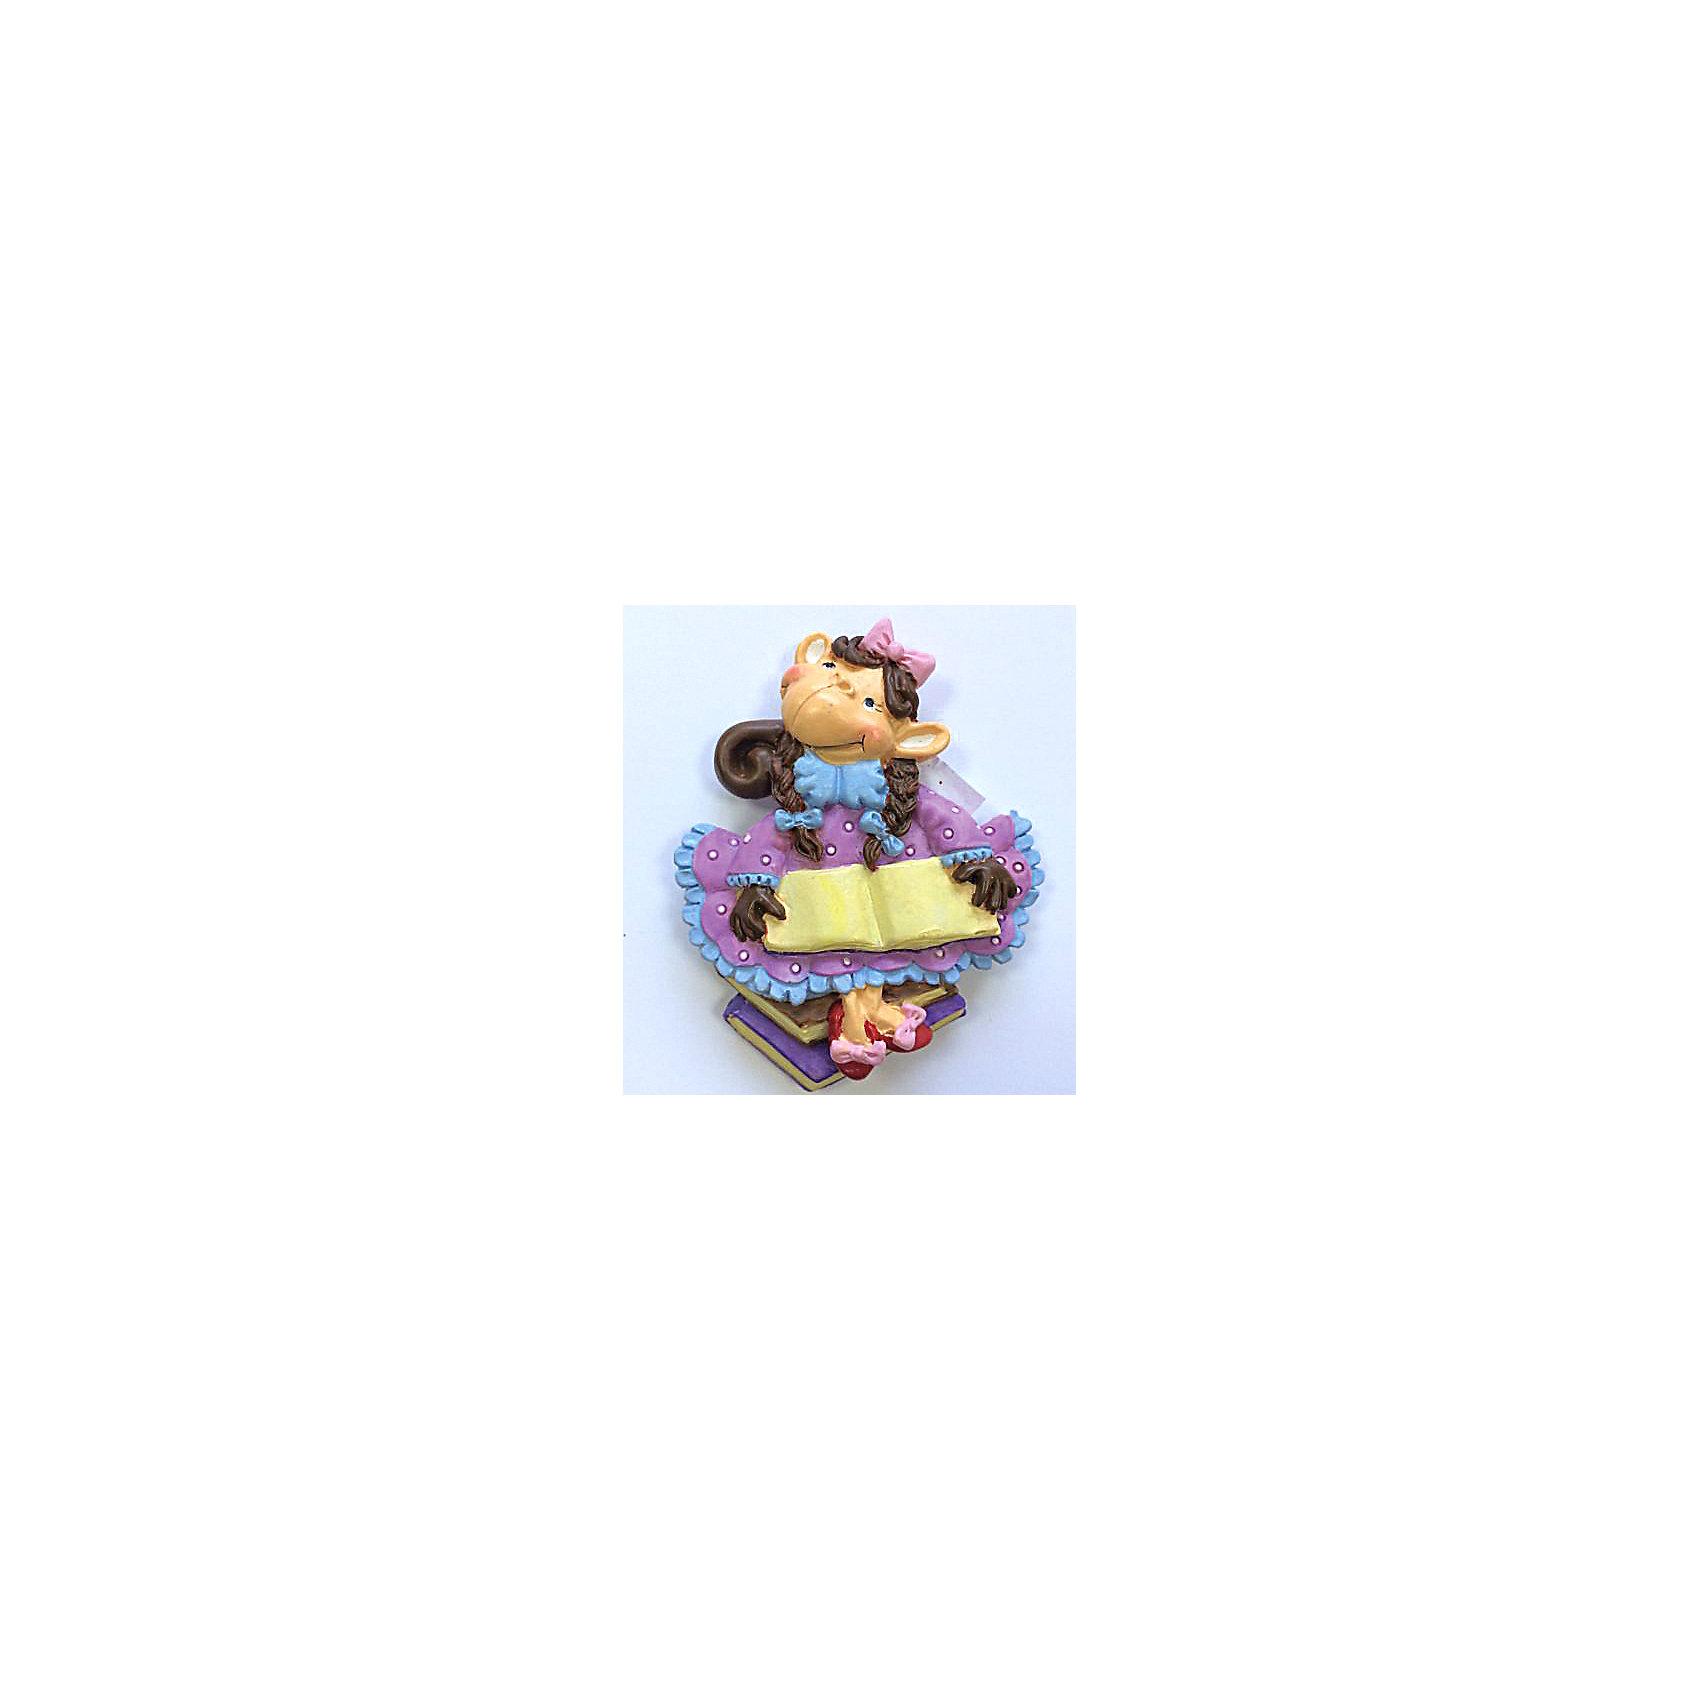 Декоративная обезьяна С книгойДекоративная обезьянка С книгой, Феникс-презент, прекрасно дополнит Ваш новогодний интерьер и станет приятным сувениром для родных и друзей. Очаровательная обезьянка в розовом платье и туфельках с бантиками держит в лапках большую книгу, сзади у фигурки имеется магнитное крепление. Обезьяна является символом Нового 2016 года, забавный сувенир принесет Вам радость и удачу и поднимет настроение.  <br><br>Дополнительная информация:<br><br>- Материал: полирезина. <br>- Размер фигурки: 5,8 х 7 х 1,5 см.<br><br>Декоративную обезьянку С книгой, Феникс-презент,  можно купить в нашем интернет-магазине.<br><br>Ширина мм: 70<br>Глубина мм: 80<br>Высота мм: 25<br>Вес г: 100<br>Возраст от месяцев: 36<br>Возраст до месяцев: 2147483647<br>Пол: Унисекс<br>Возраст: Детский<br>SKU: 4276533